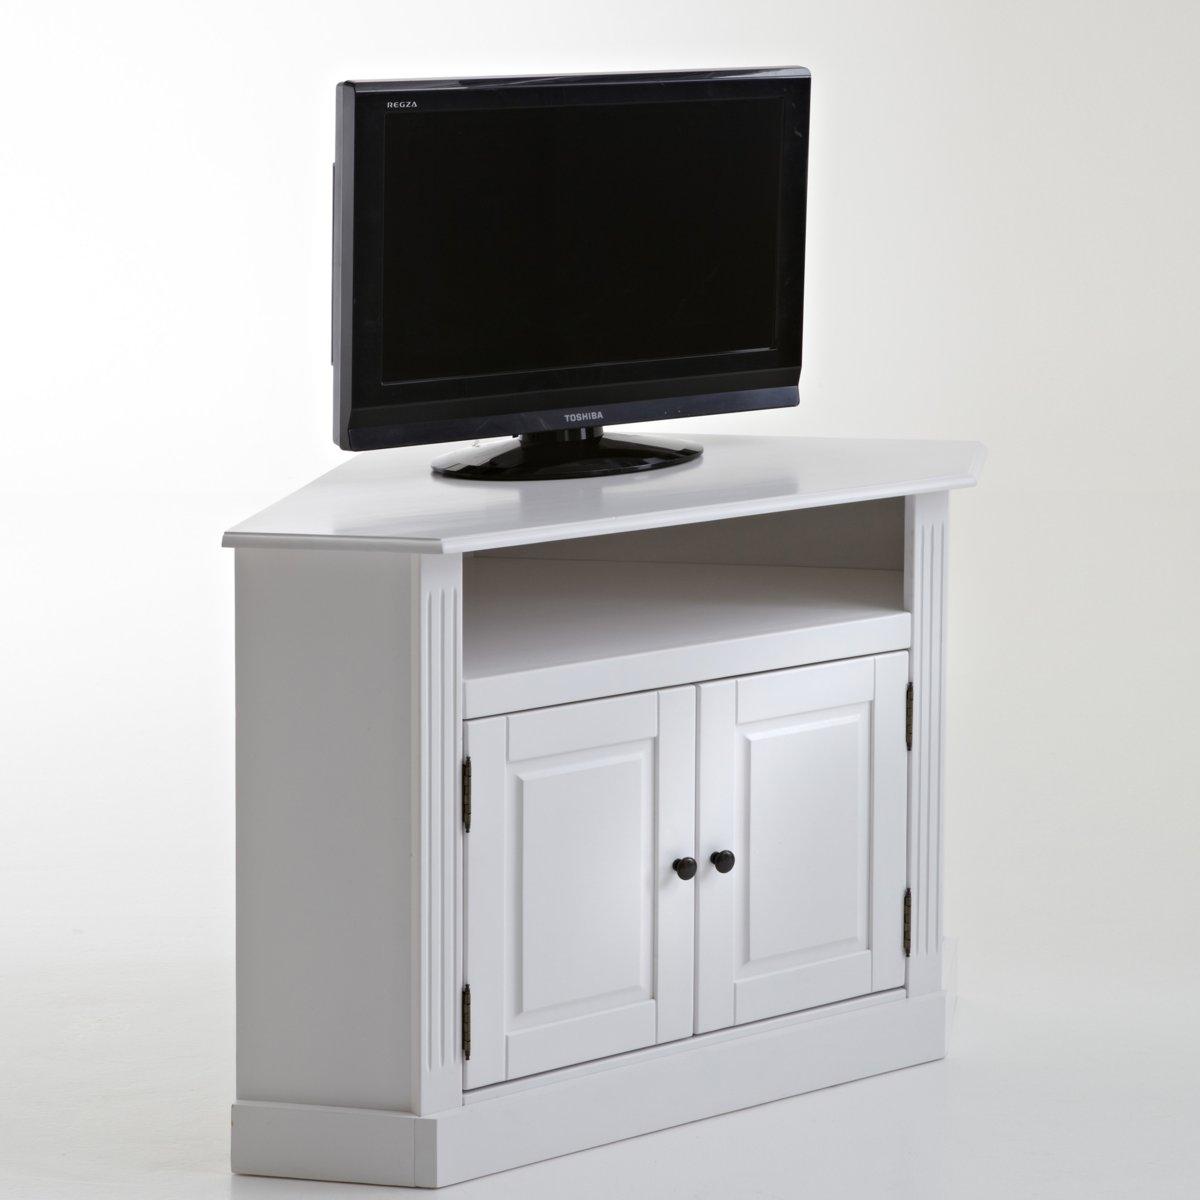 ТВ-тумба угловая из массива сосны, Authentic Style